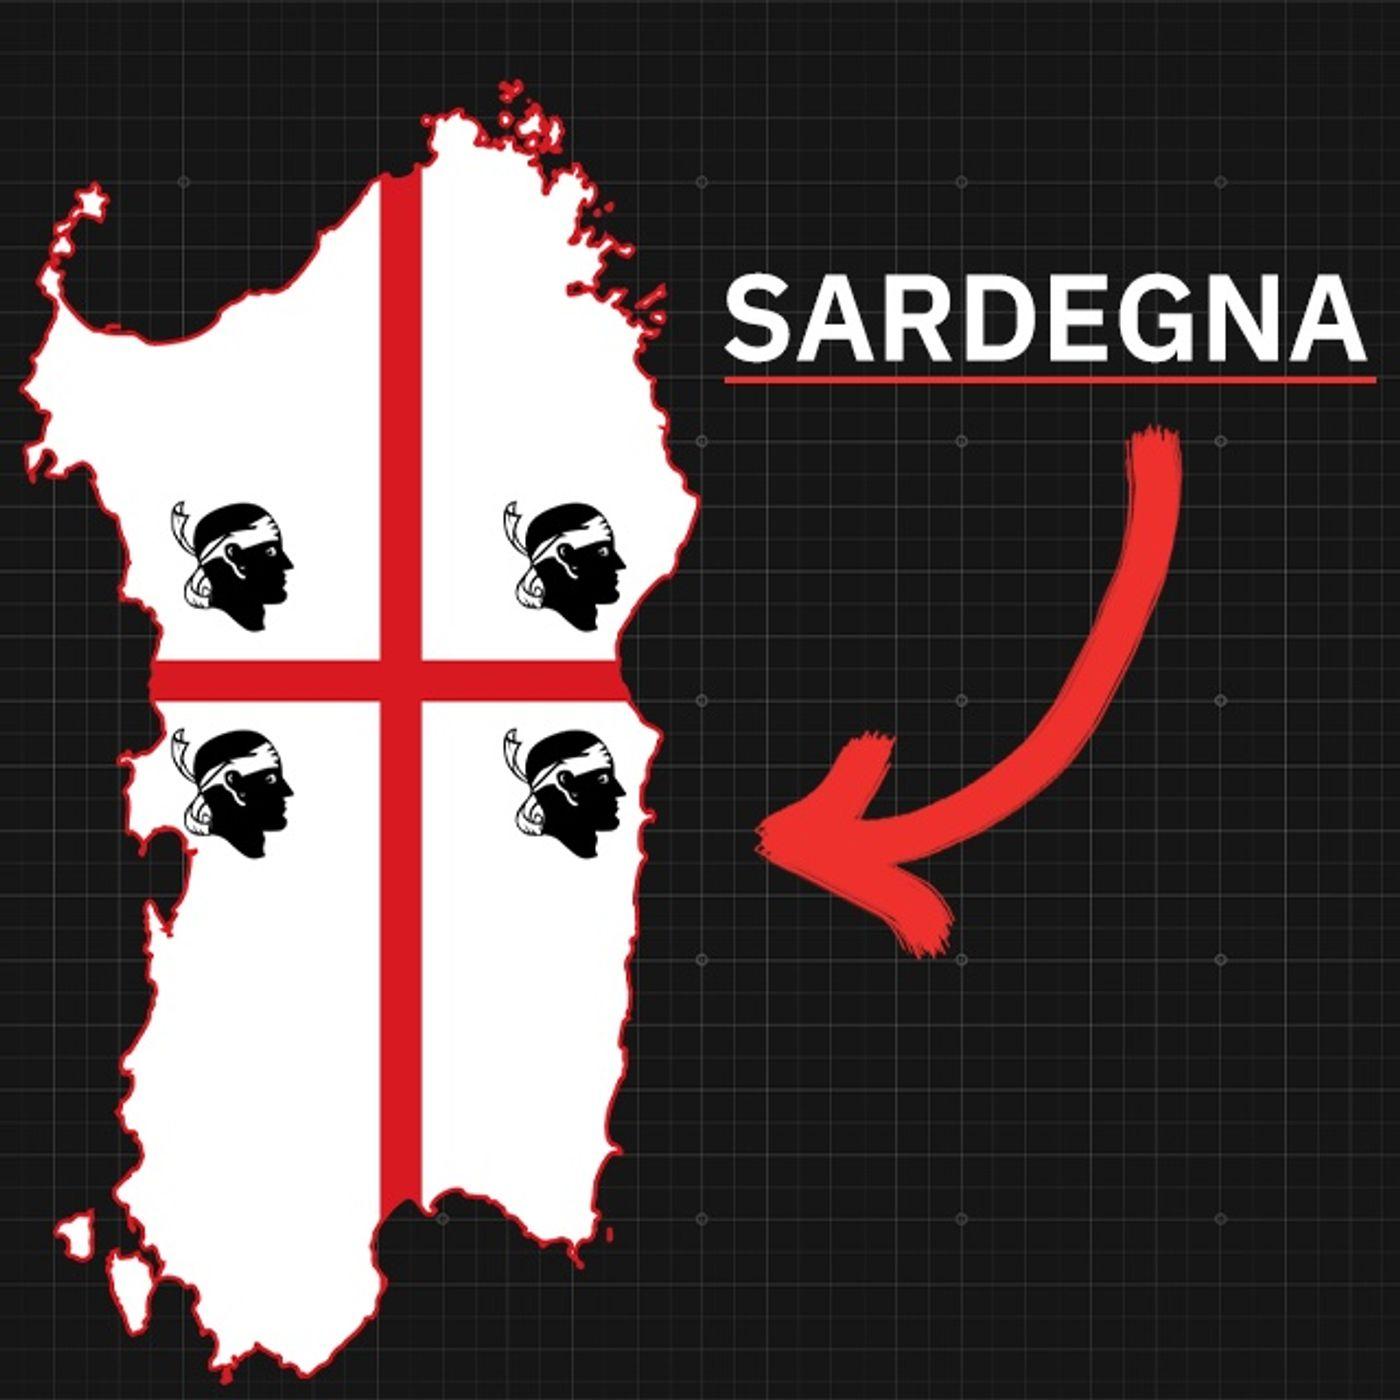 Sardegna: una condizione di arretratezza dovuta alla Geografia o ad altri fattori?